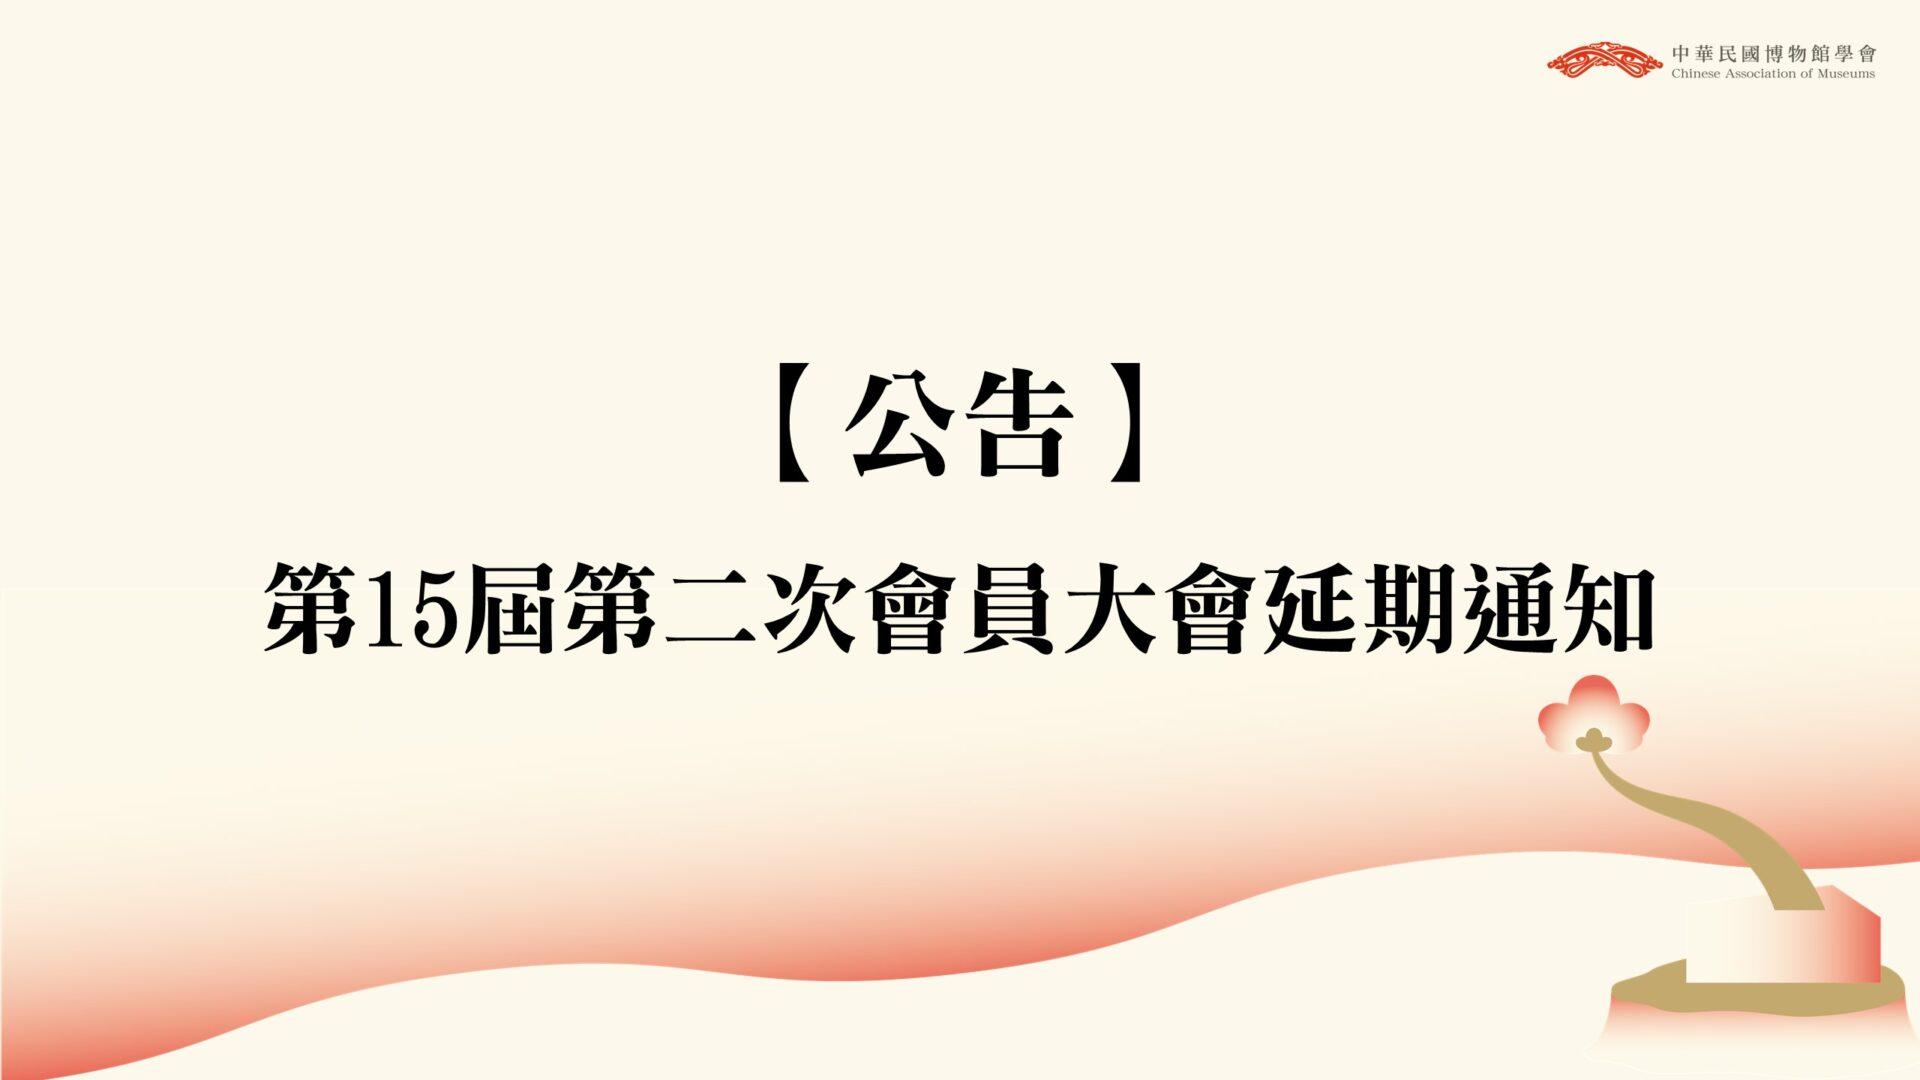 【公告】第15屆第二次會員大會延期通知